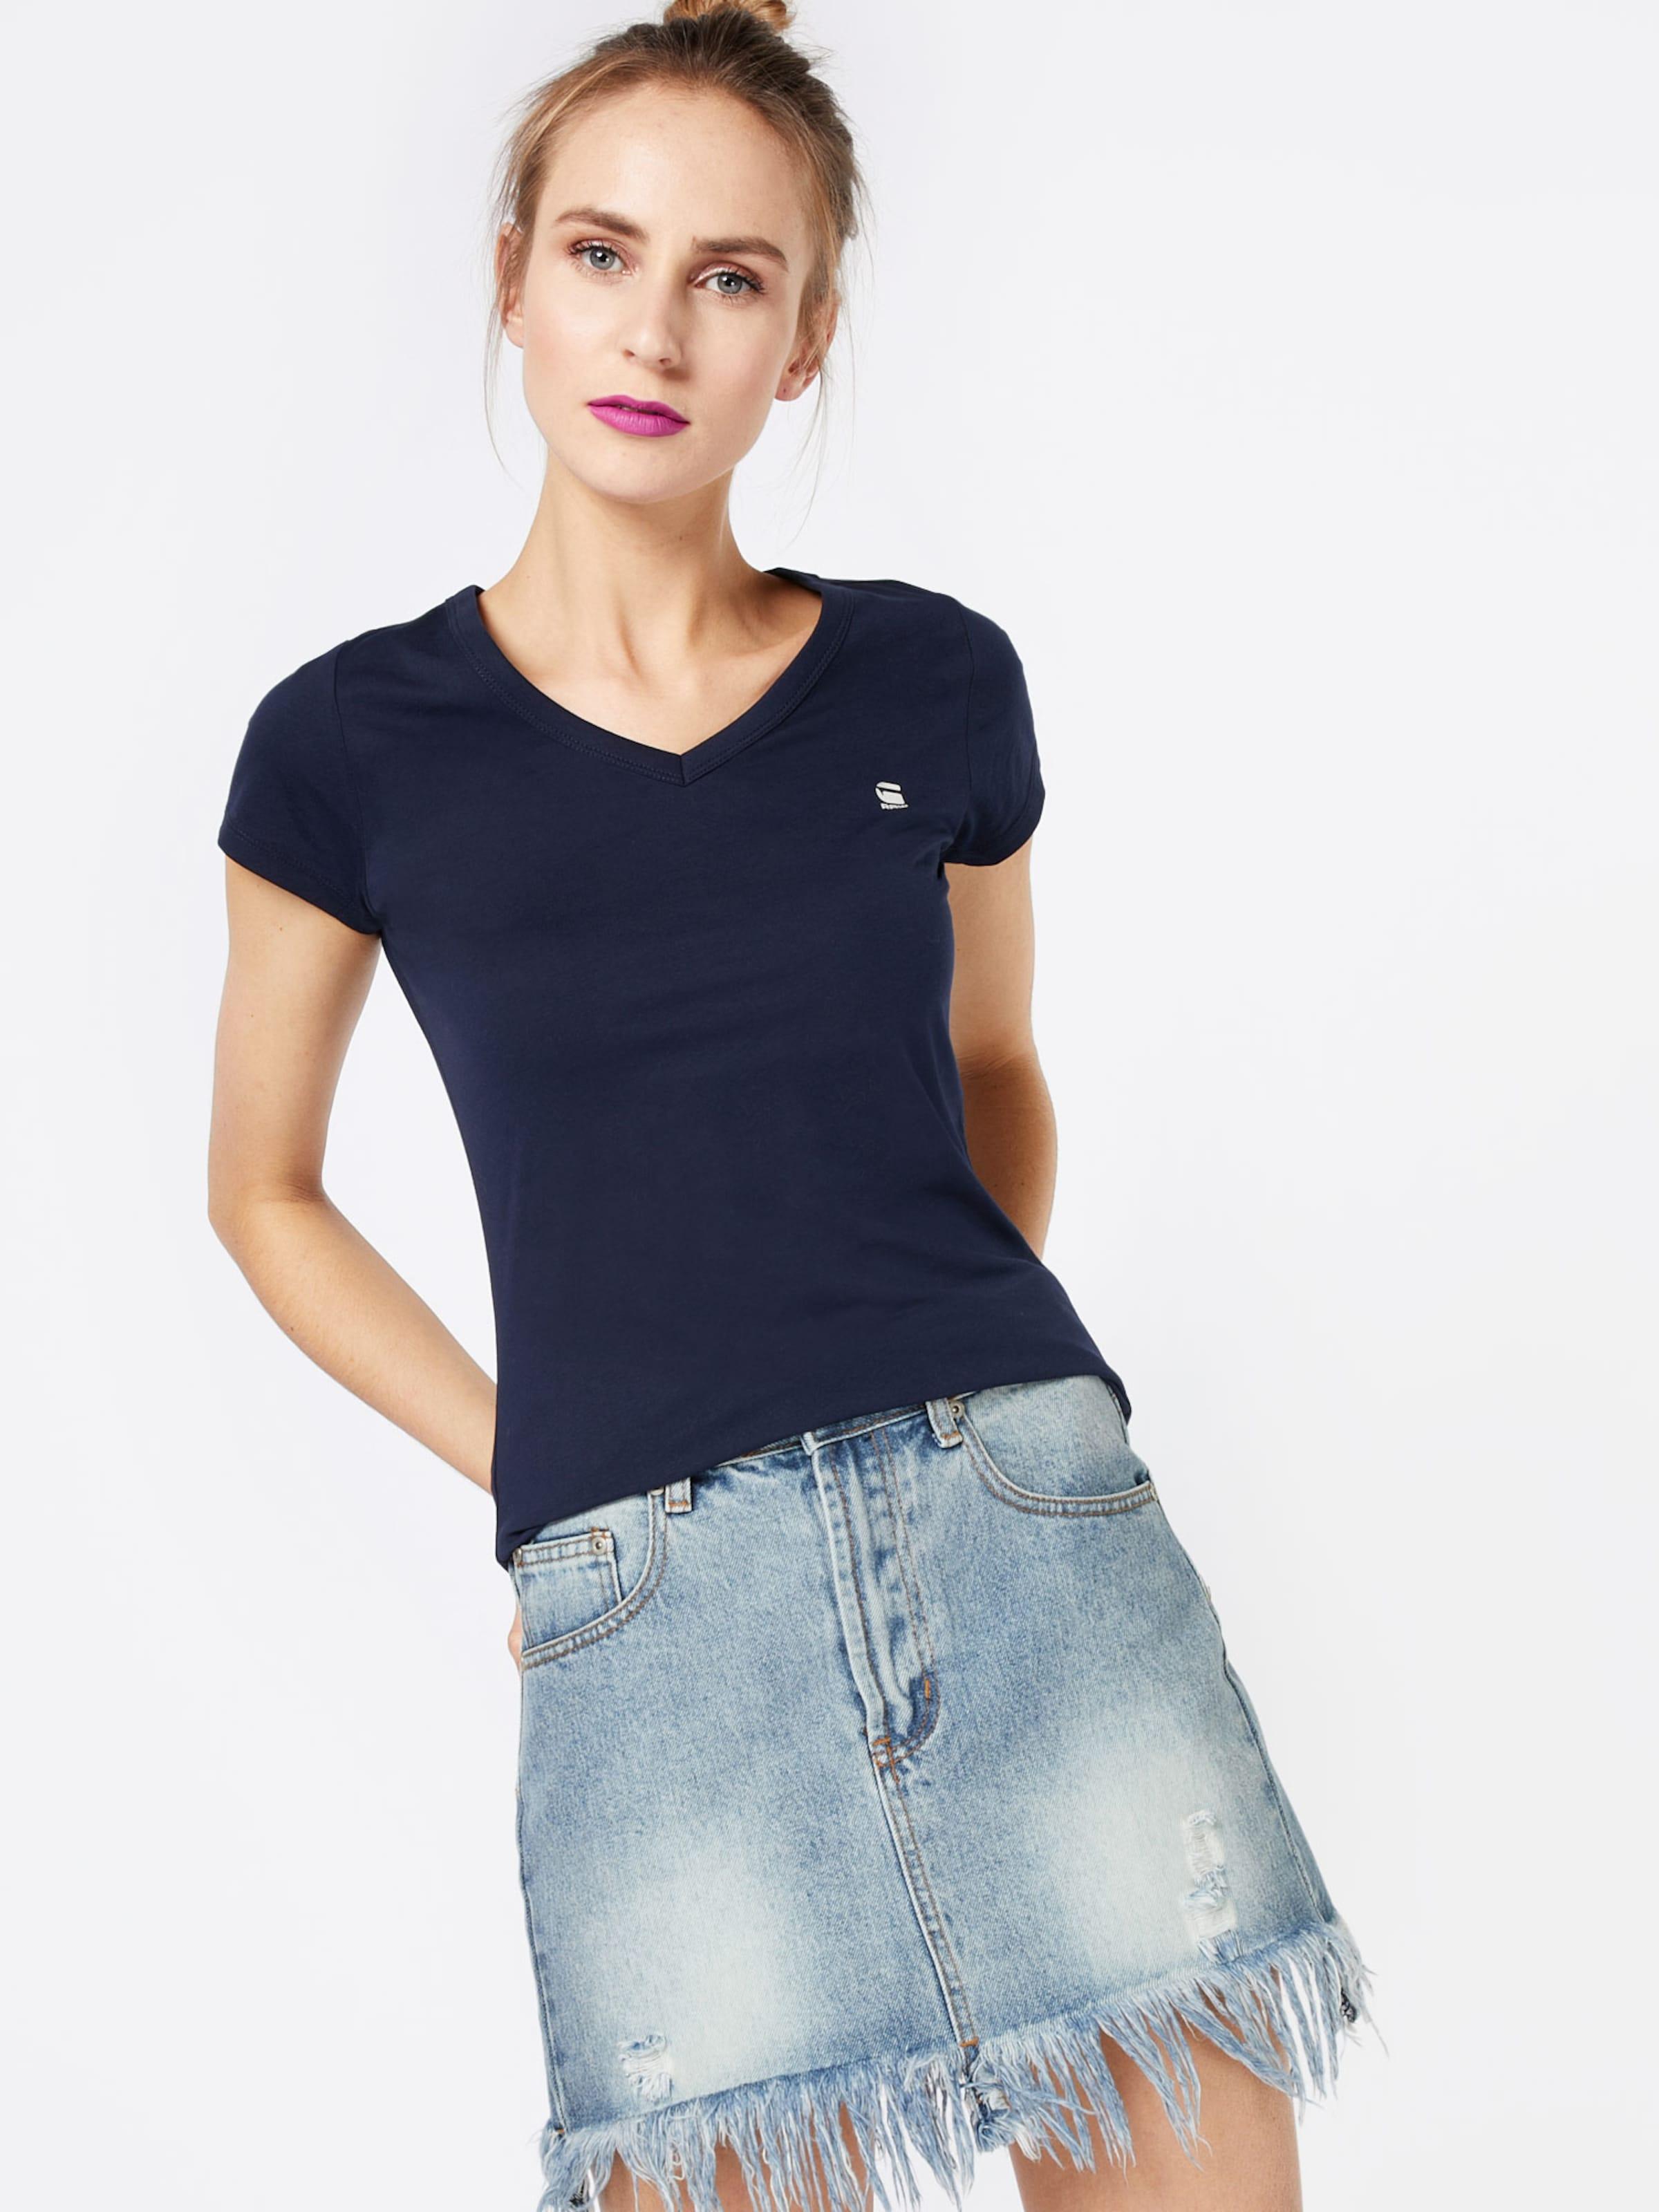 G-STAR RAW Shirt 'Eyben V' Freies Verschiffen In Deutschland Ganz Welt Versand Niedrige Versand Online JCCetleTy